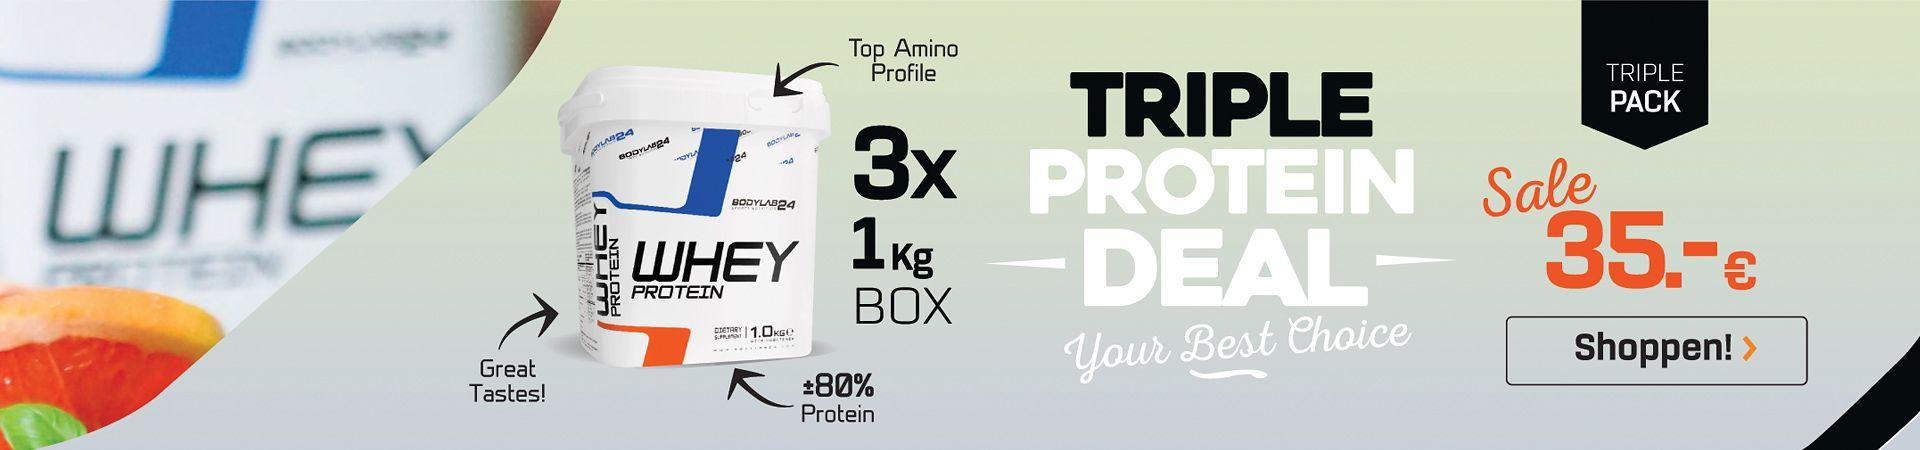 3kg Whey Protein van Bodylab24 voor een lichtgrijs achtergrond - links een Wei-eiwitblikje